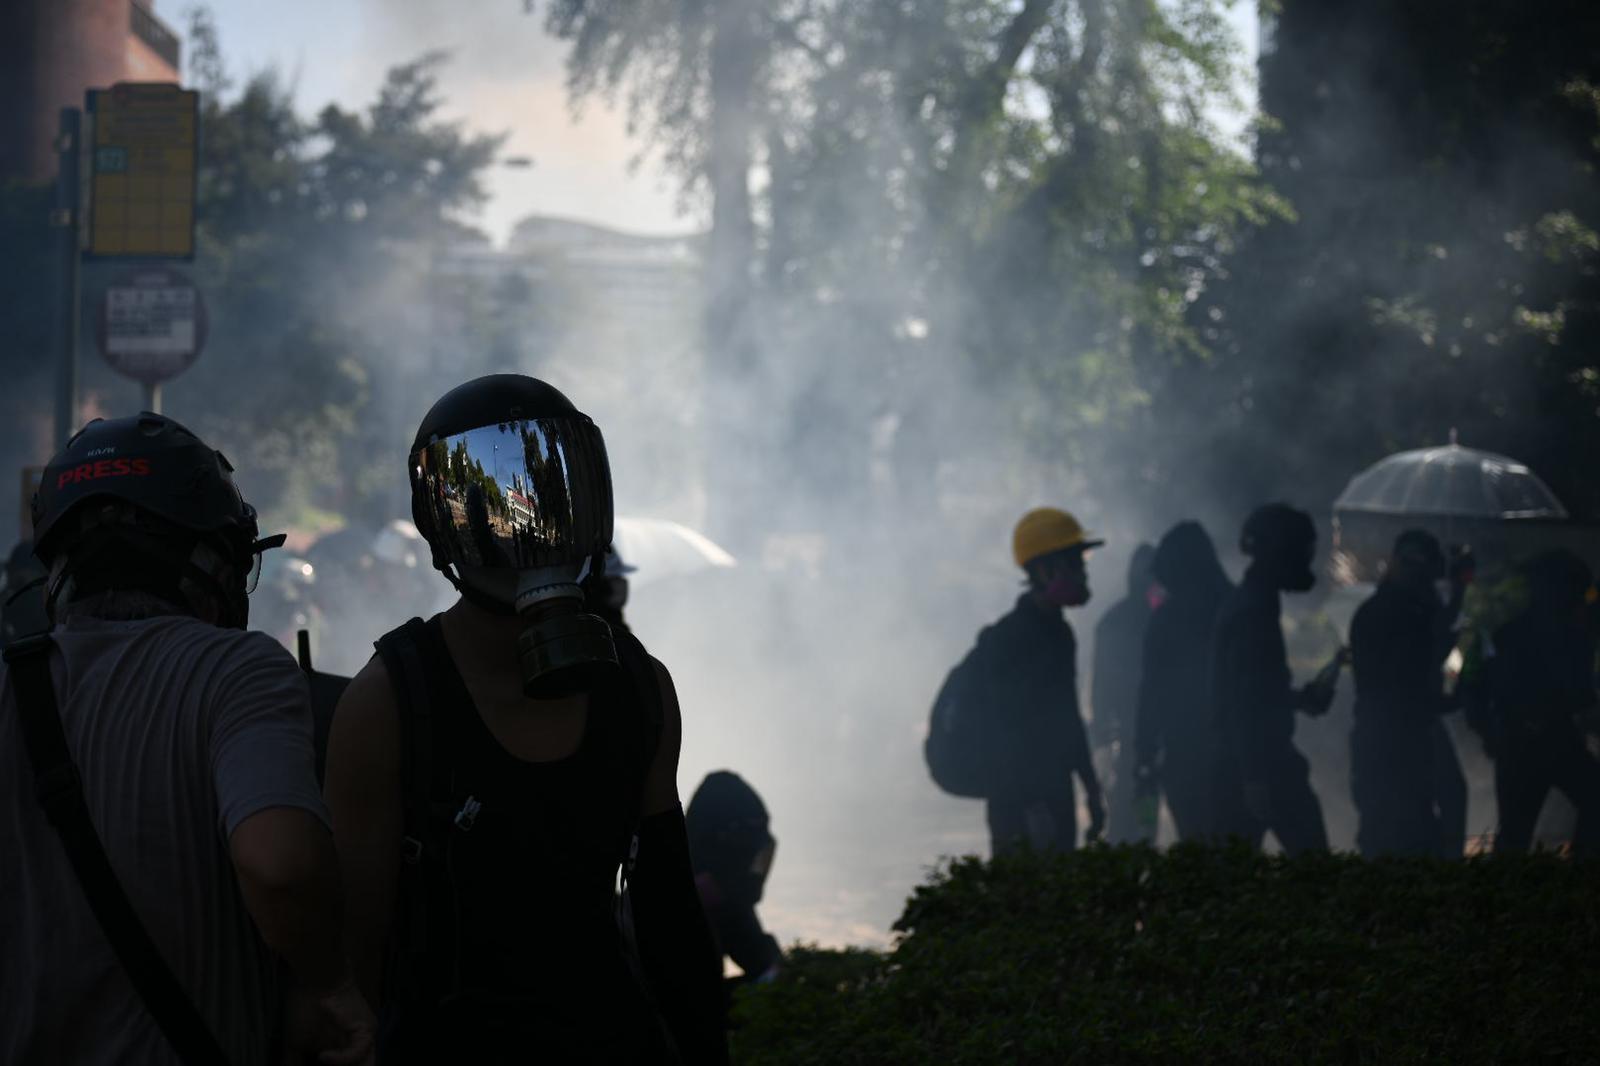 【修例風波】警黑衣人理大外多次爆衝突 警連環施催淚彈驅散